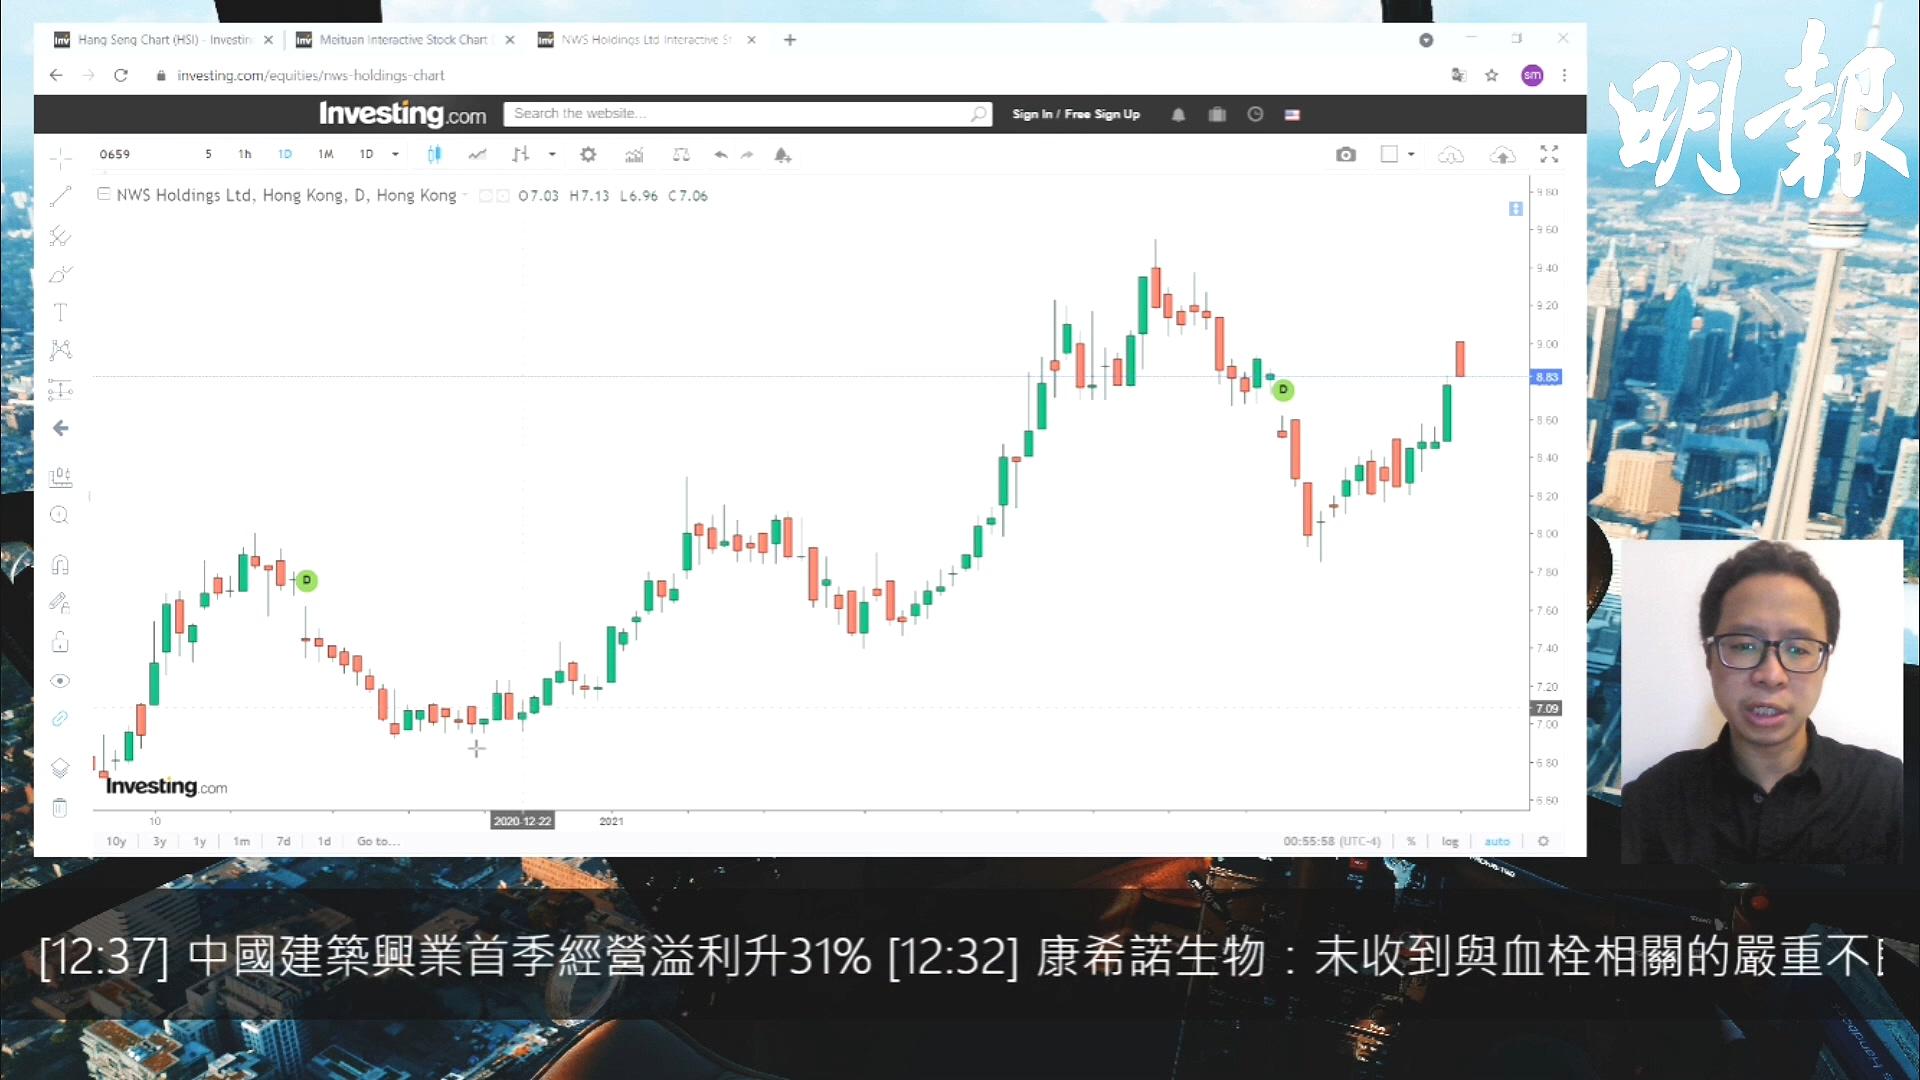 【有片:選股王】港股再度反彈 港資股繼續强勢